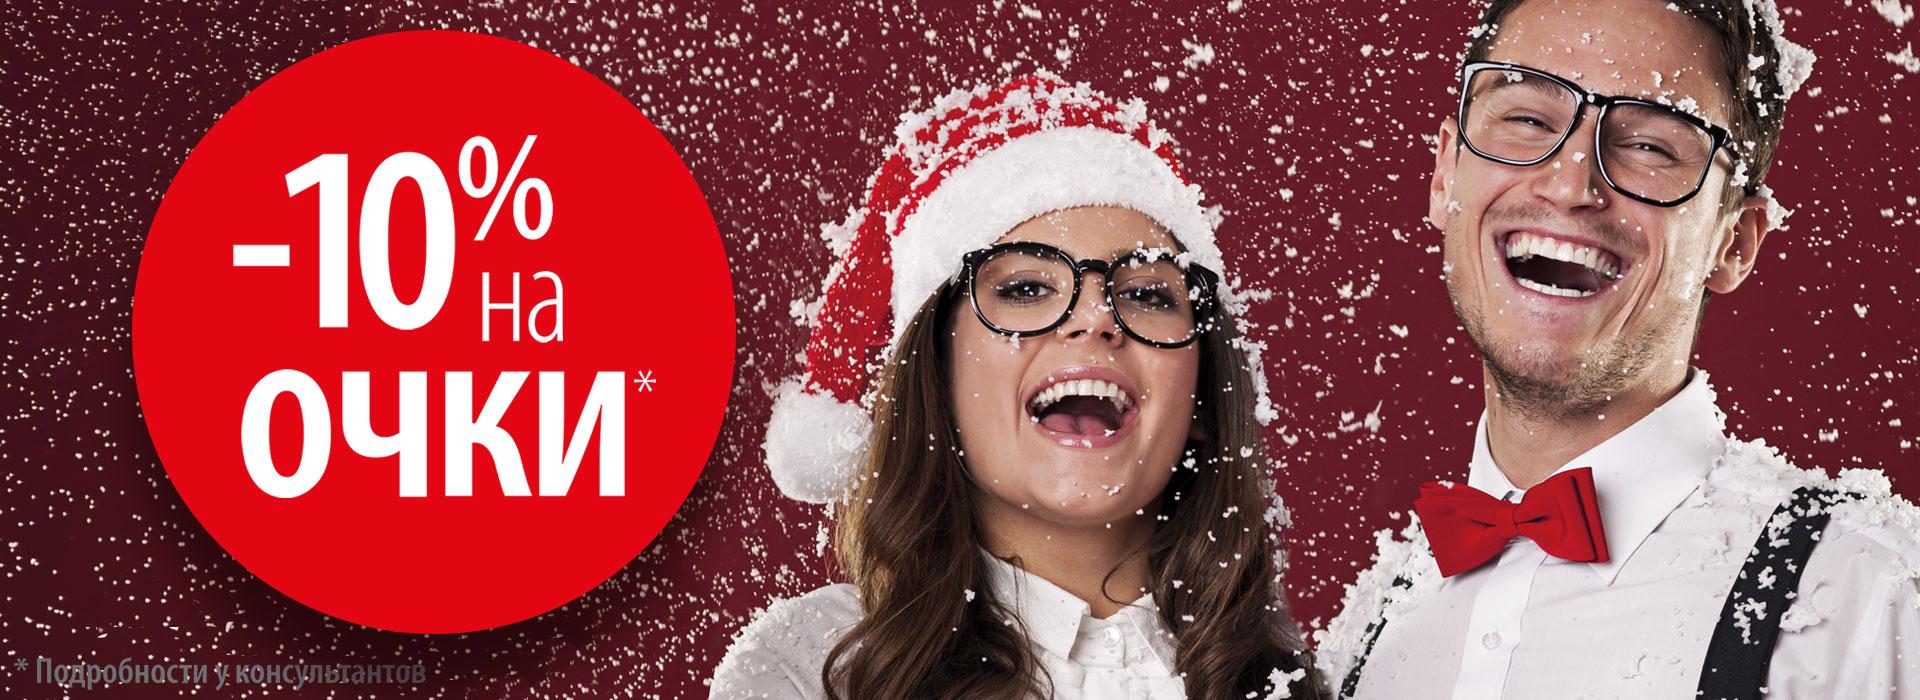 Чтобы не пропустить ни один момент новогодних праздников, стоит заблаговременно обновить очки. Салоны оптики «Линзбург» дарят своим покупателям такую возможность вместе с 10%-ной новогодней скидкой на качественные и стильные очки для зрения!